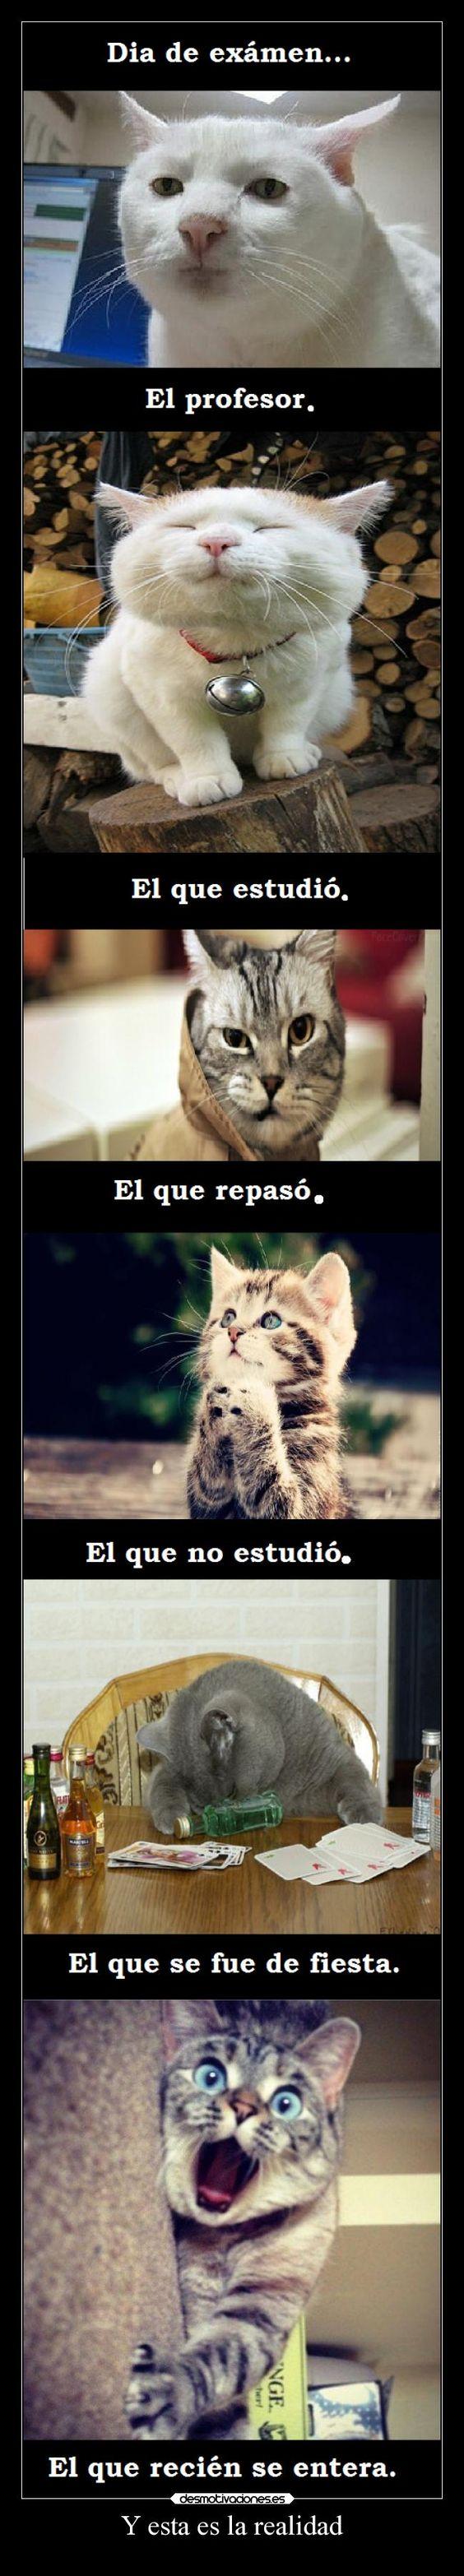 memes de gatos16